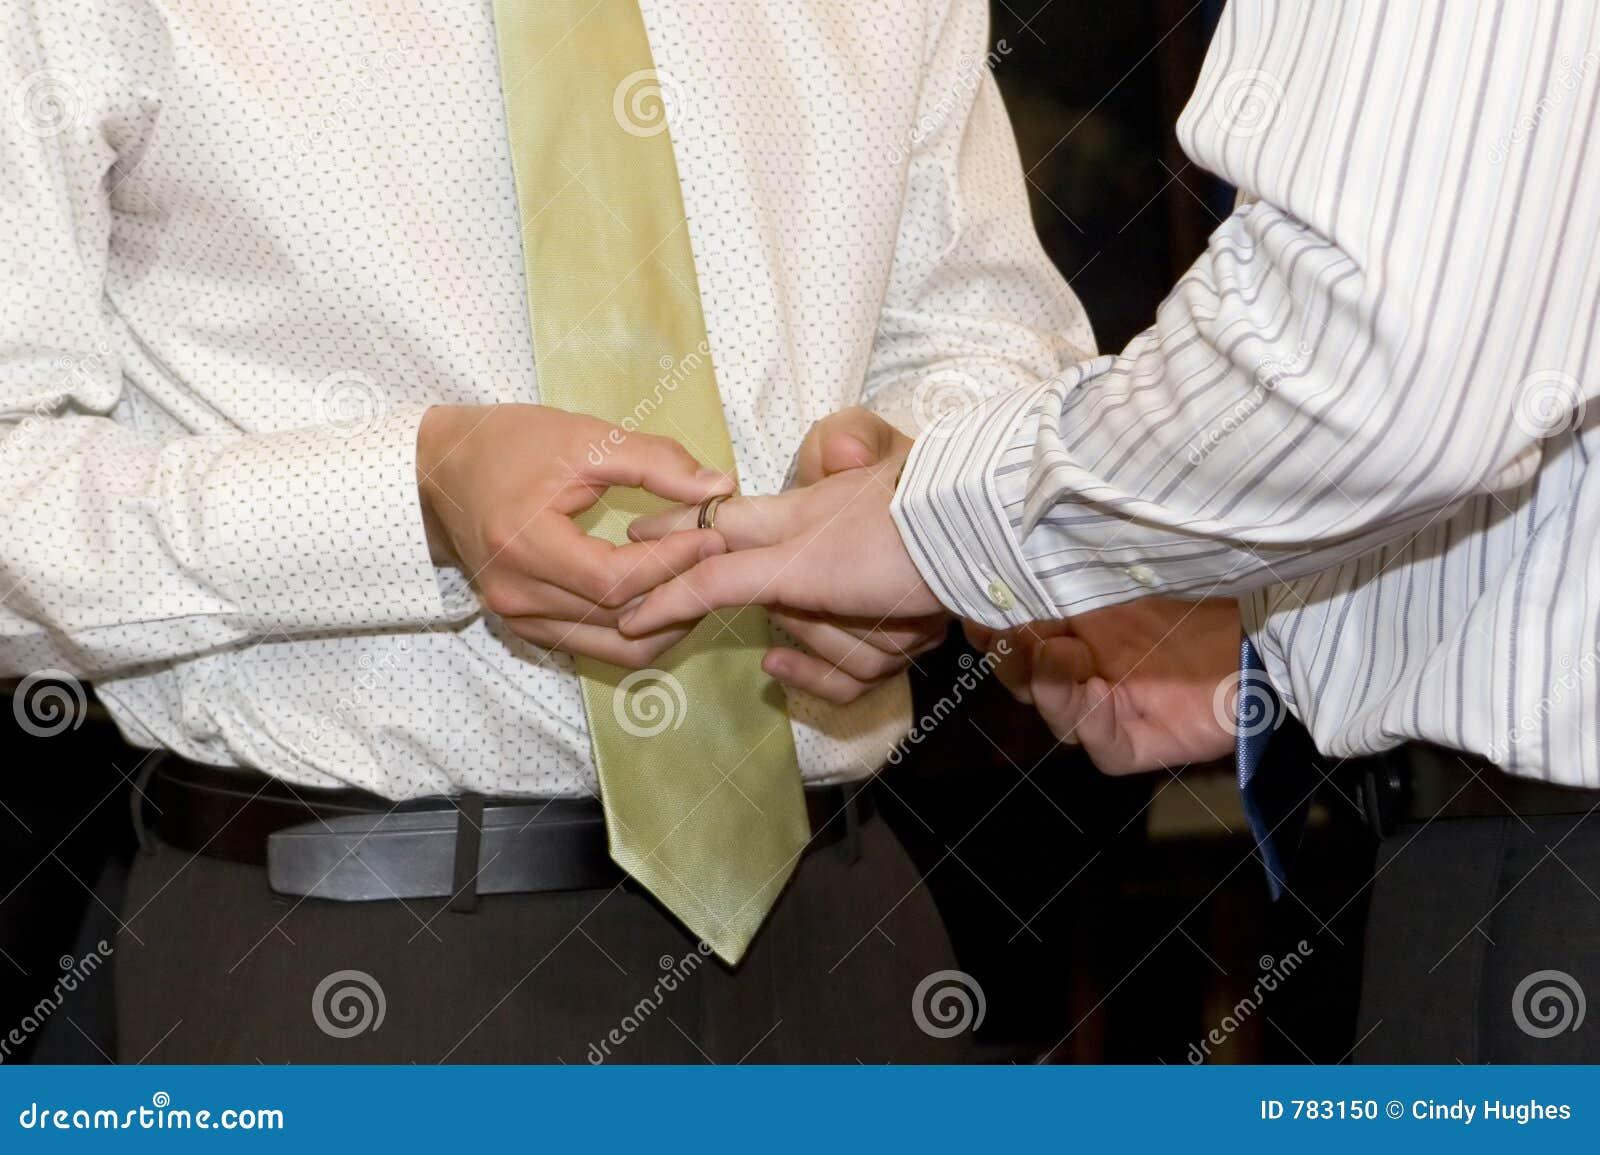 隆道法师同性_同性恋婚姻